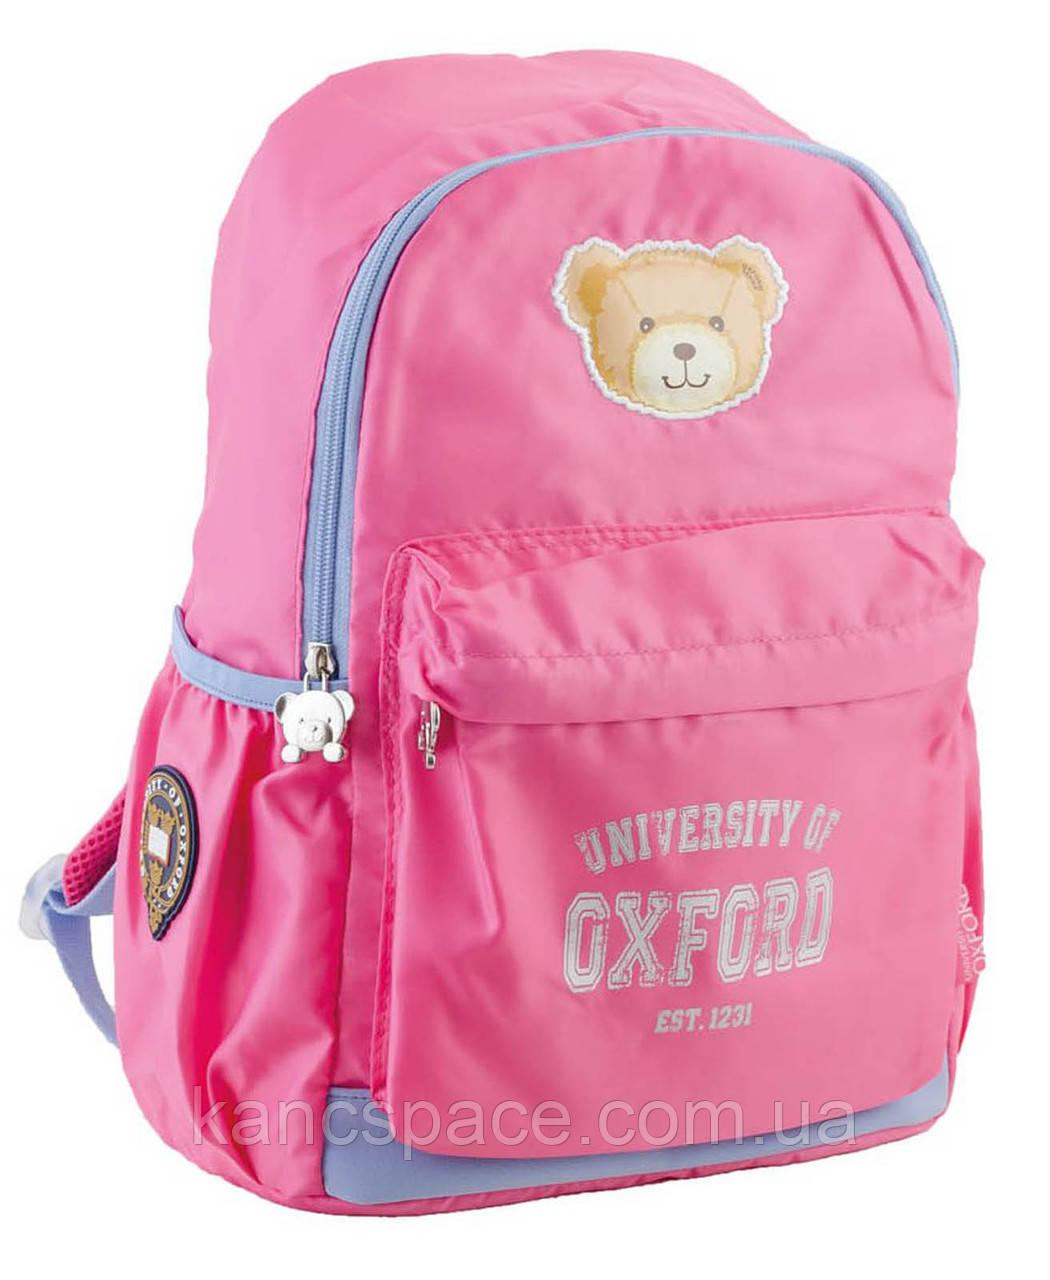 Рюкзак дитячий OX-17 j031, 26*37*15.5